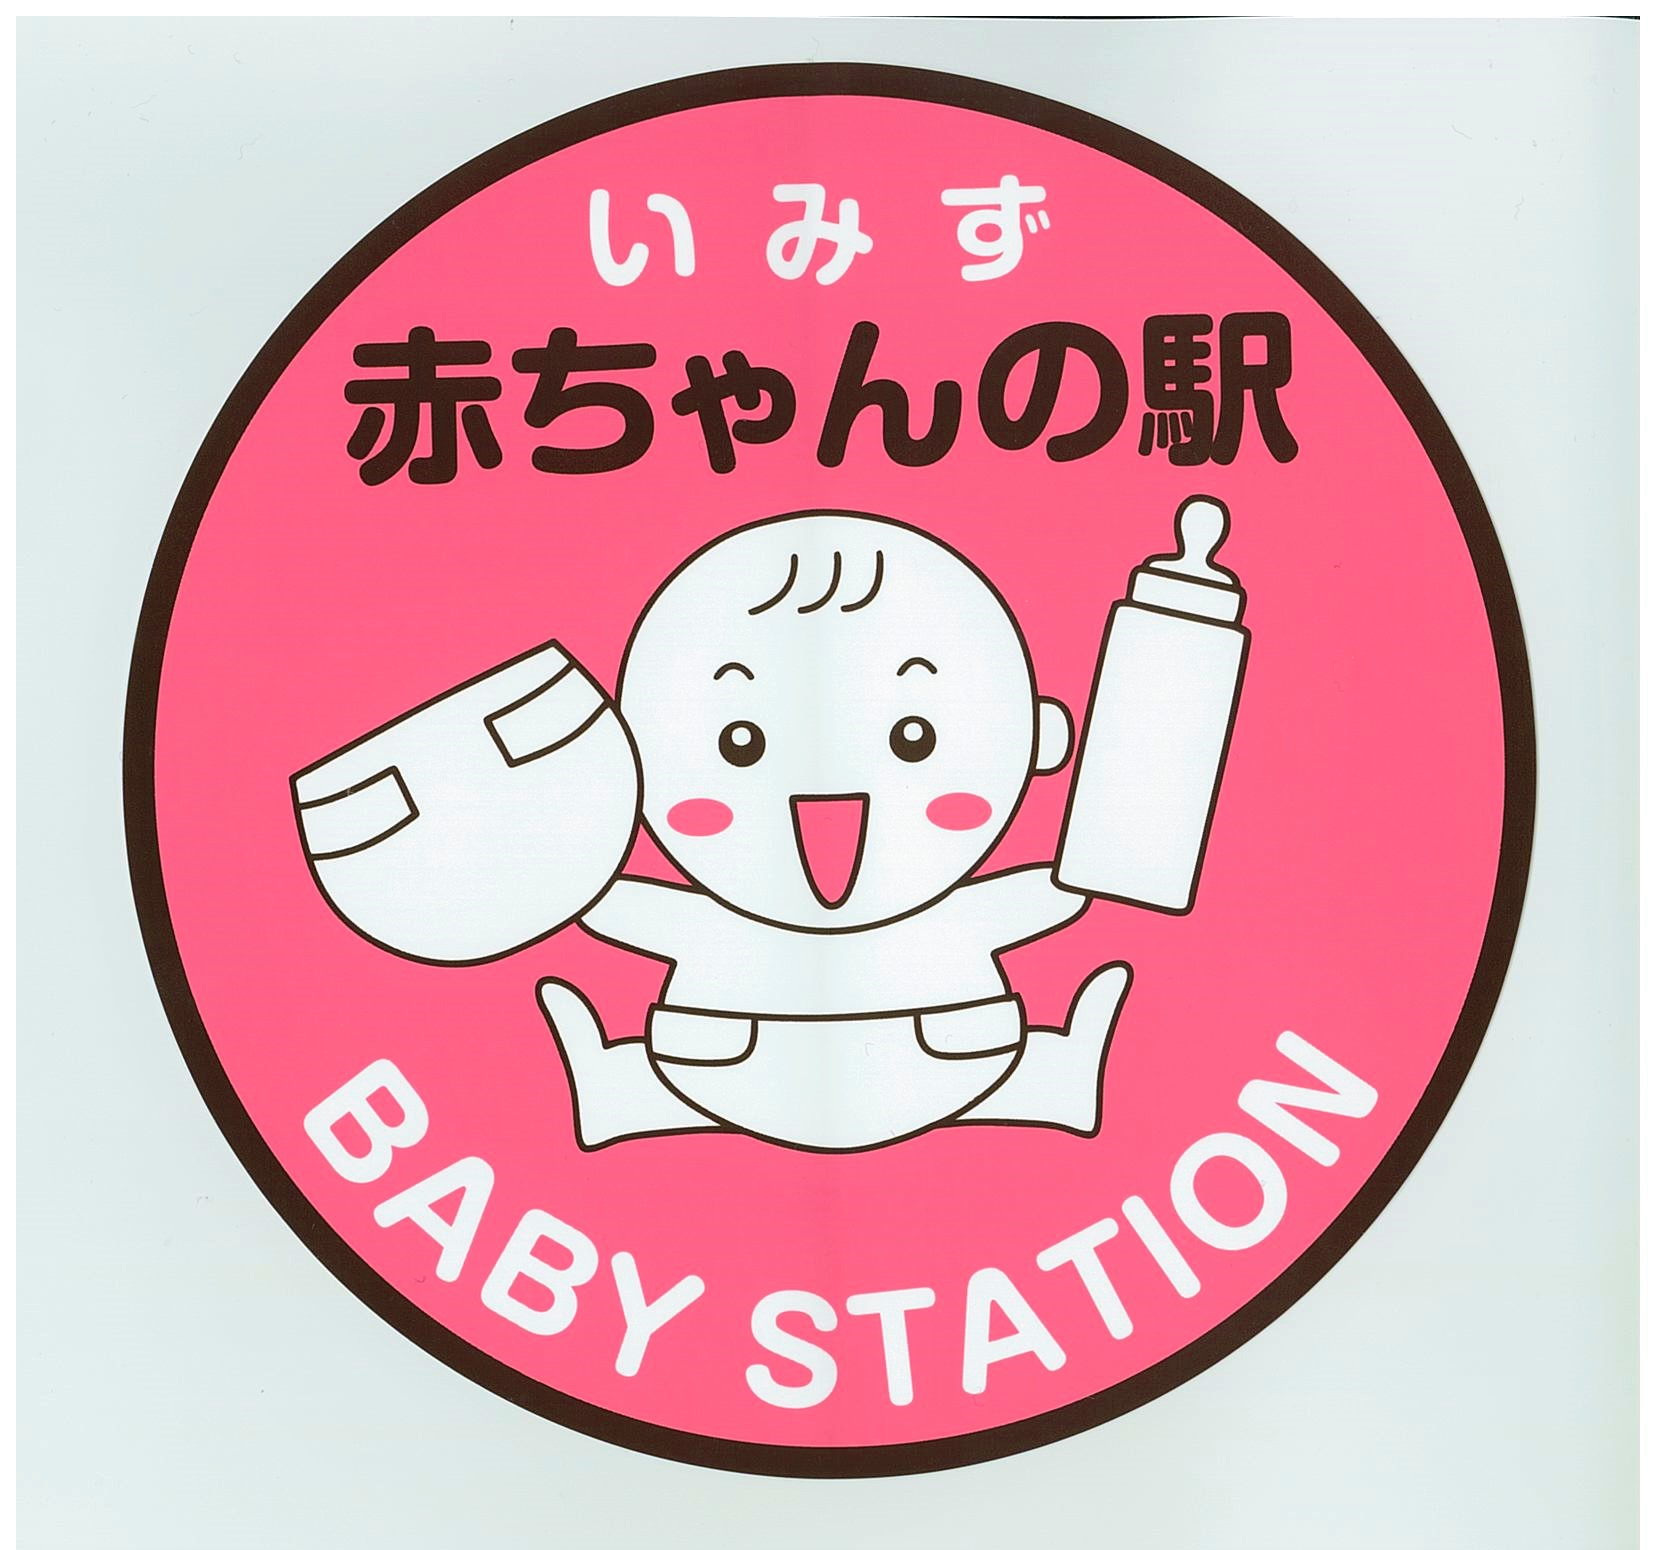 赤ちゃんの駅ステッカー